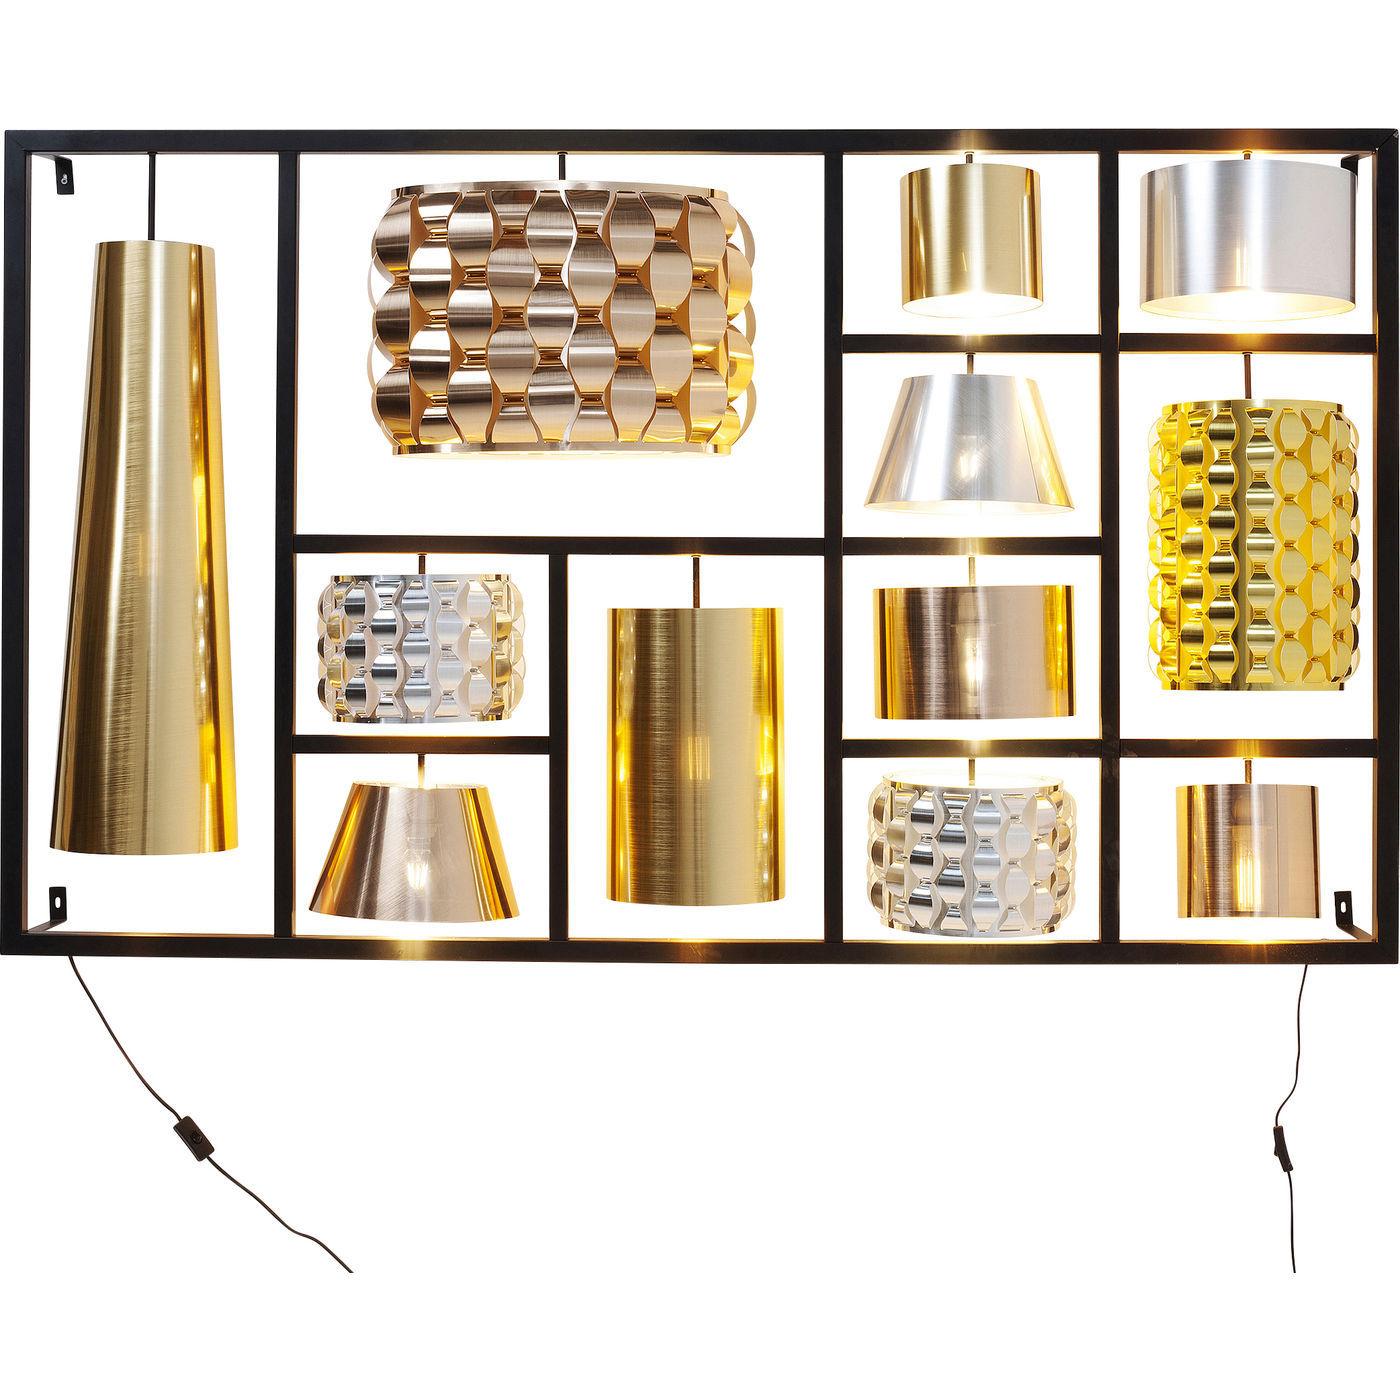 KARE DESIGN Parecchi Glamour Black Big væglampe – guld/sølv/bronze plastik og sort stål